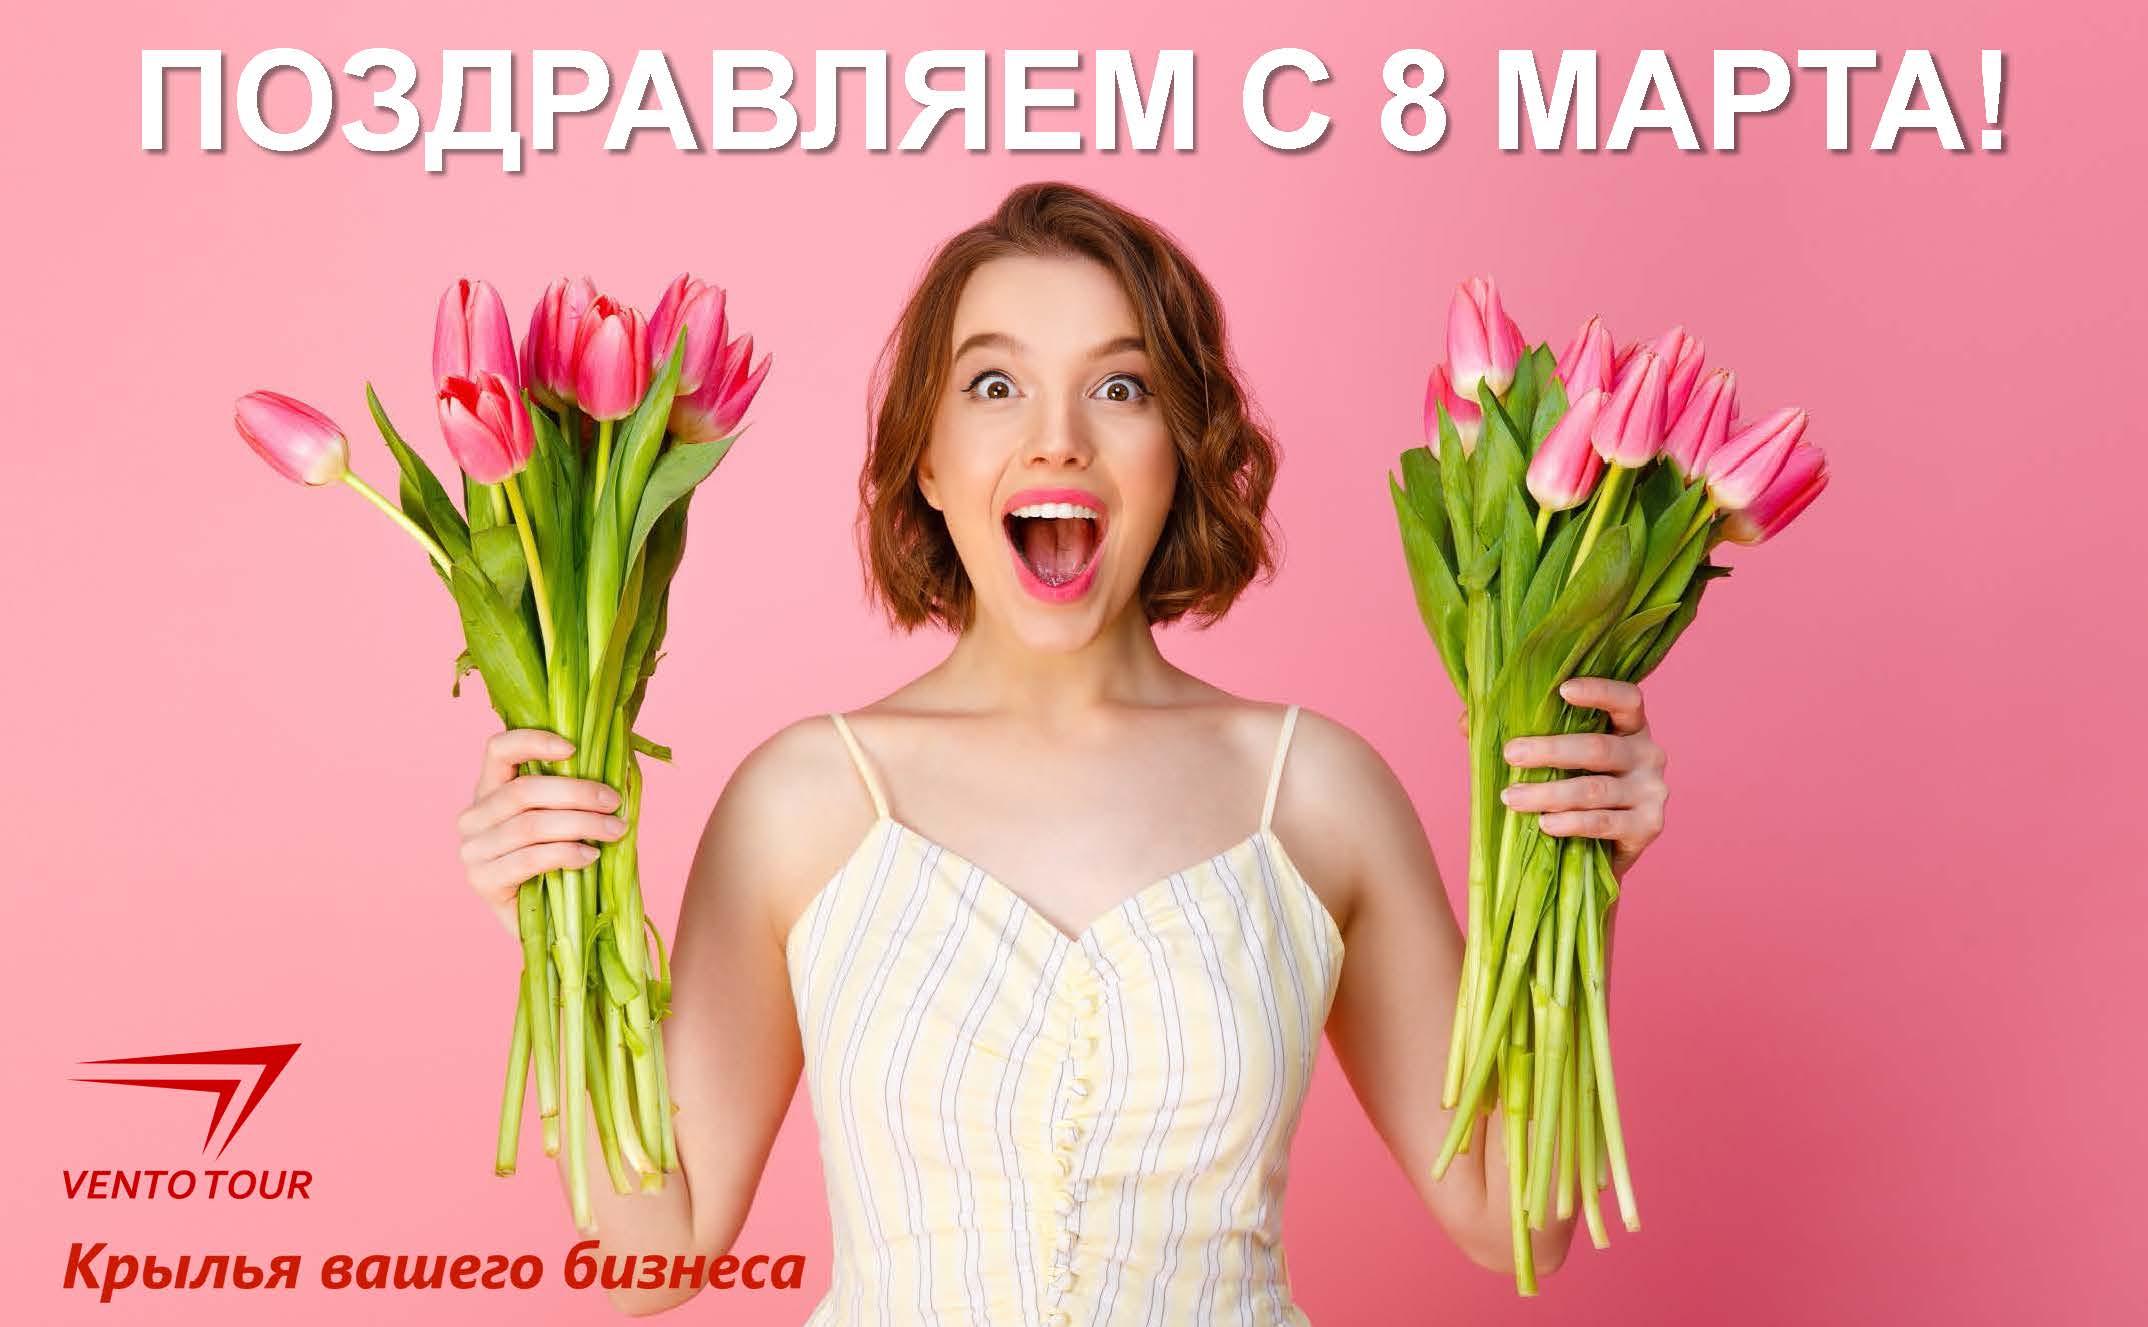 «Вентотур» поздравляет с главным праздником весны!